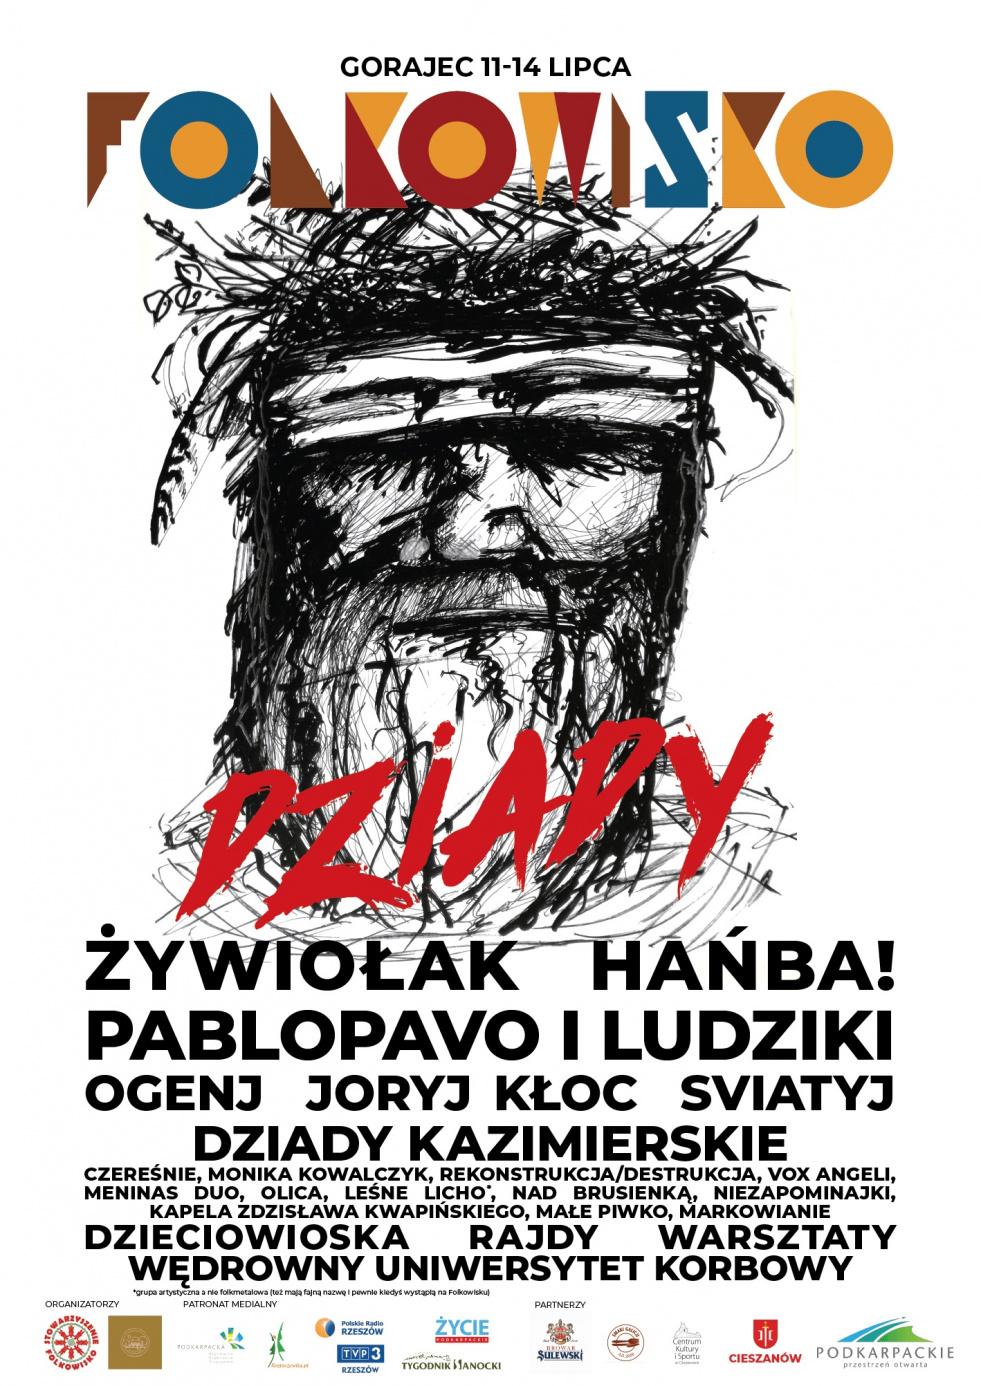 IX edycja Festiwalu Folkowisko